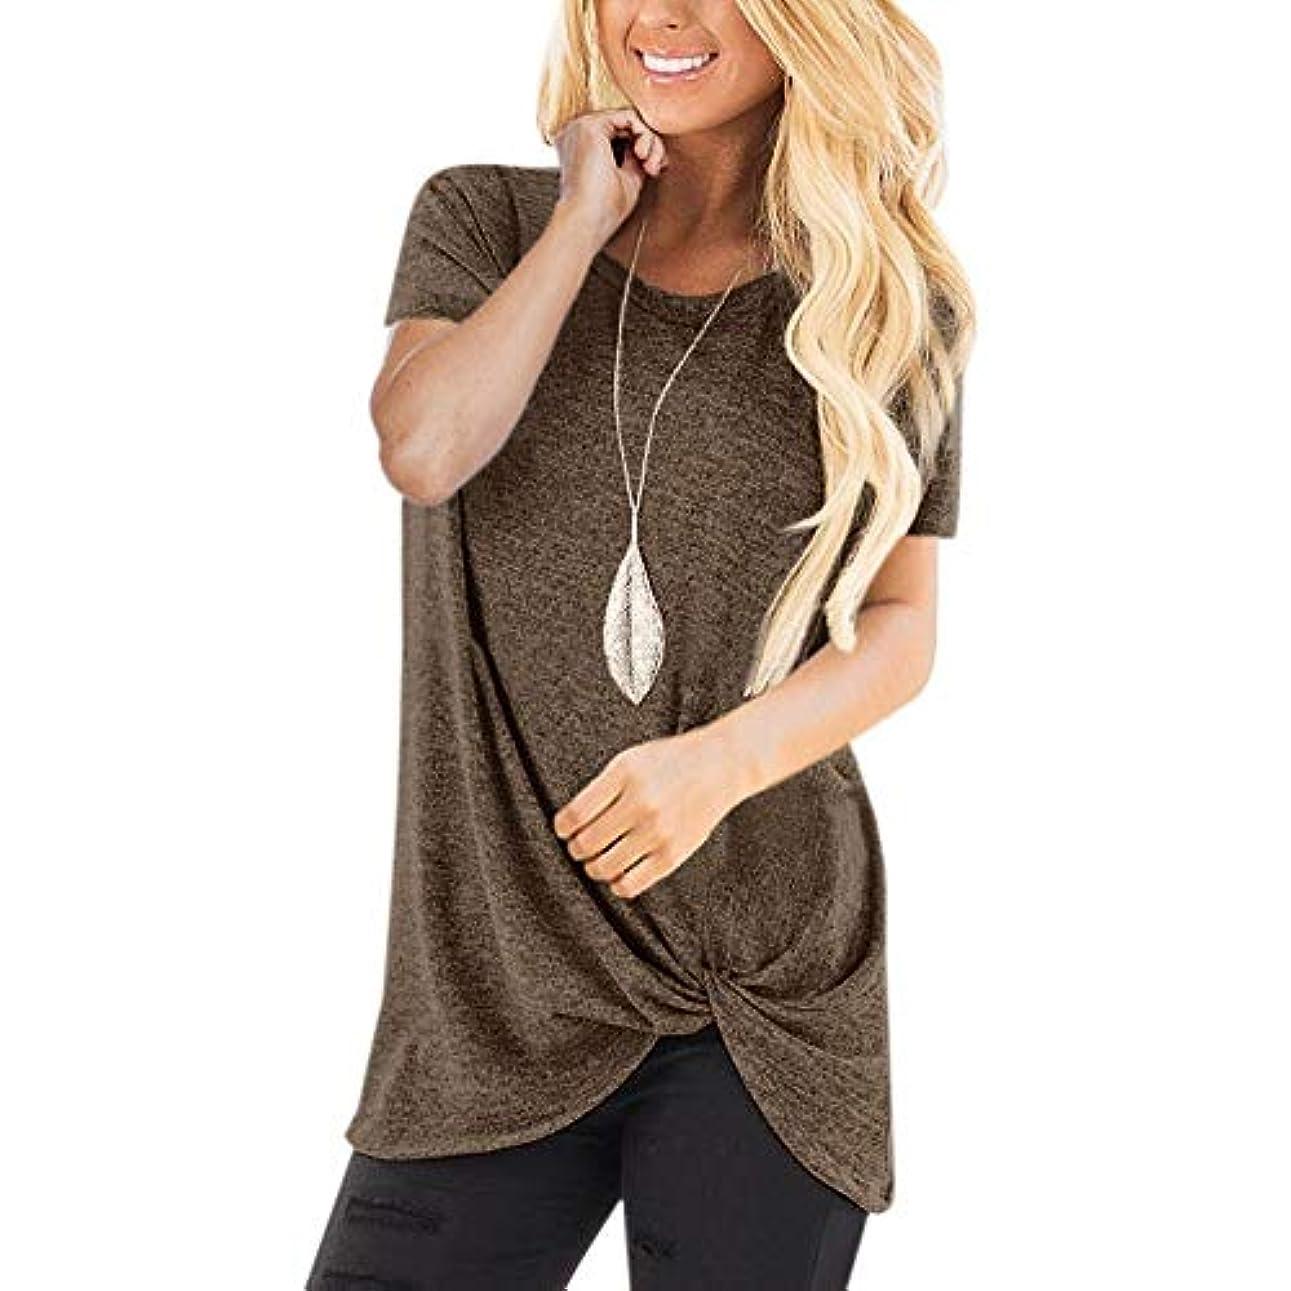 広範囲に袋広範囲にMIFAN コットンTシャツ、カジュアルTシャツ、レディースブラウス、トップス&Tシャツ、プラスサイズ、ルーズtシャツ